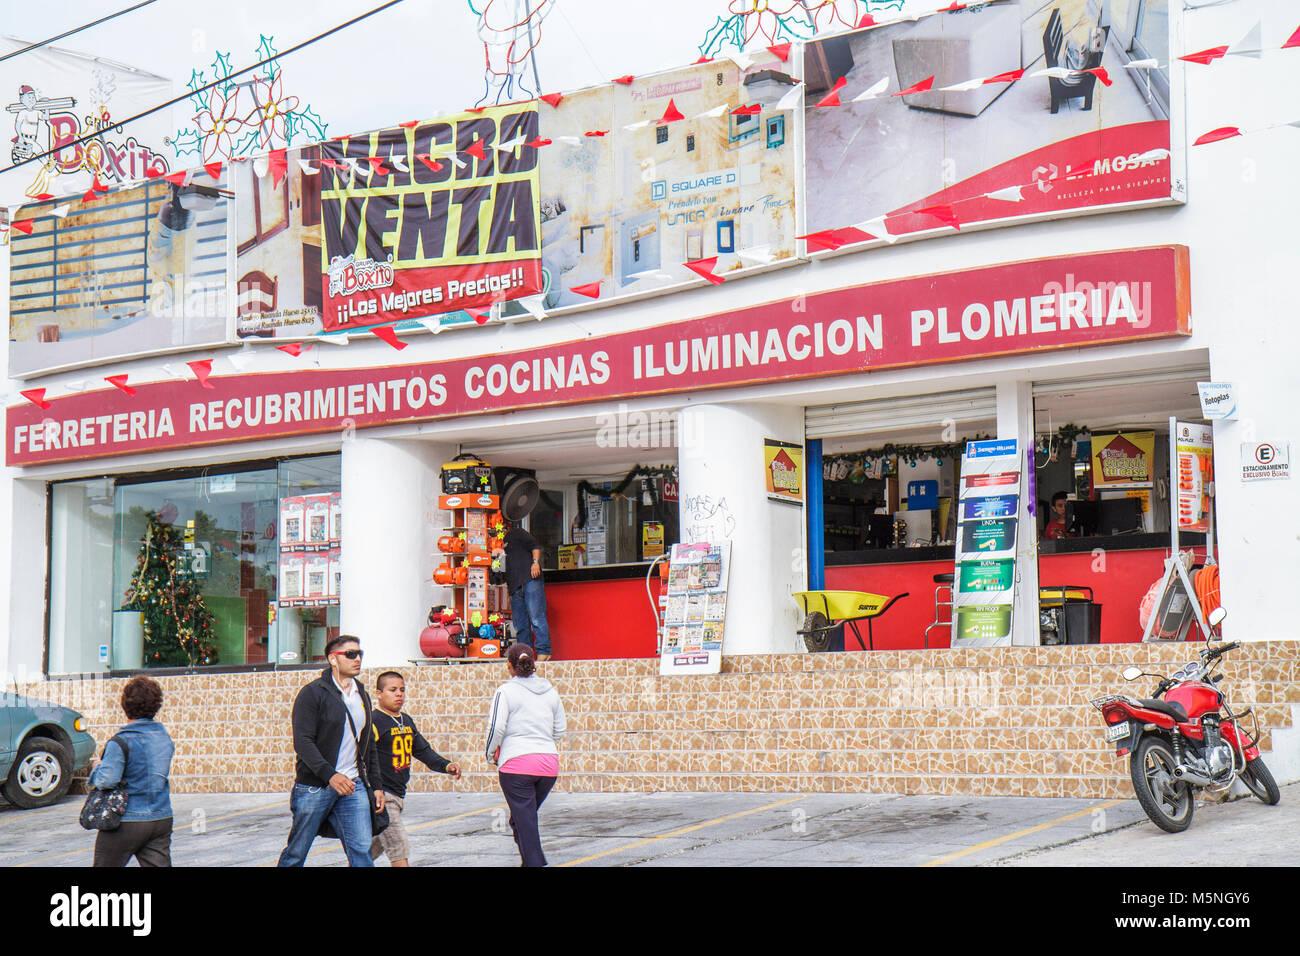 Cancun Mexiko Yucatán Halbinsel Quintana Roo Avenida Tulum Geschäft Baumarkt Umbau Sanitär Beleuchtung Küche zu Stockfoto